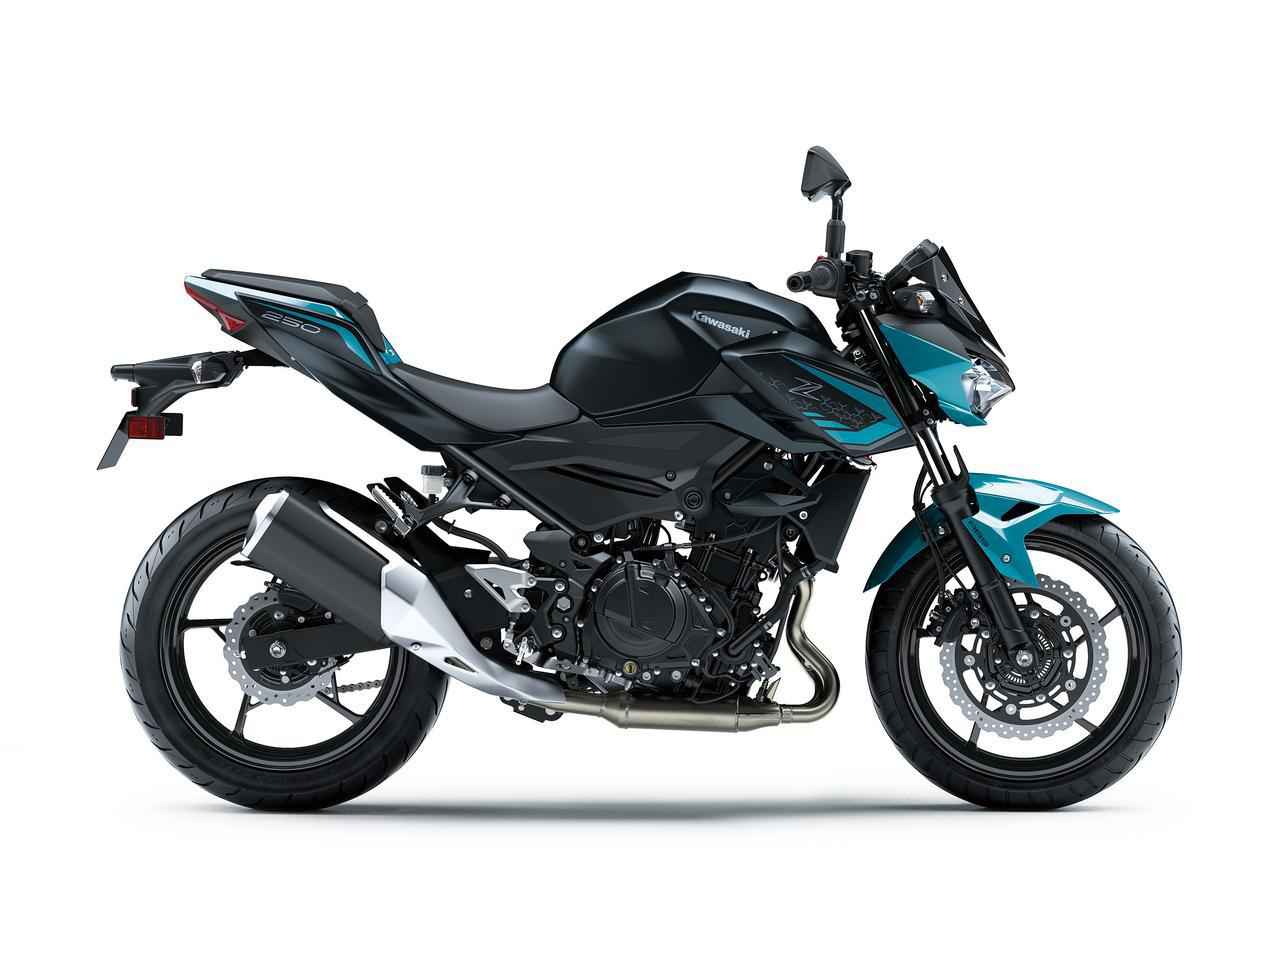 画像3: カワサキが「Z250」の2021年モデルを発売! 2020年モデルと比較してみよう【2021速報】